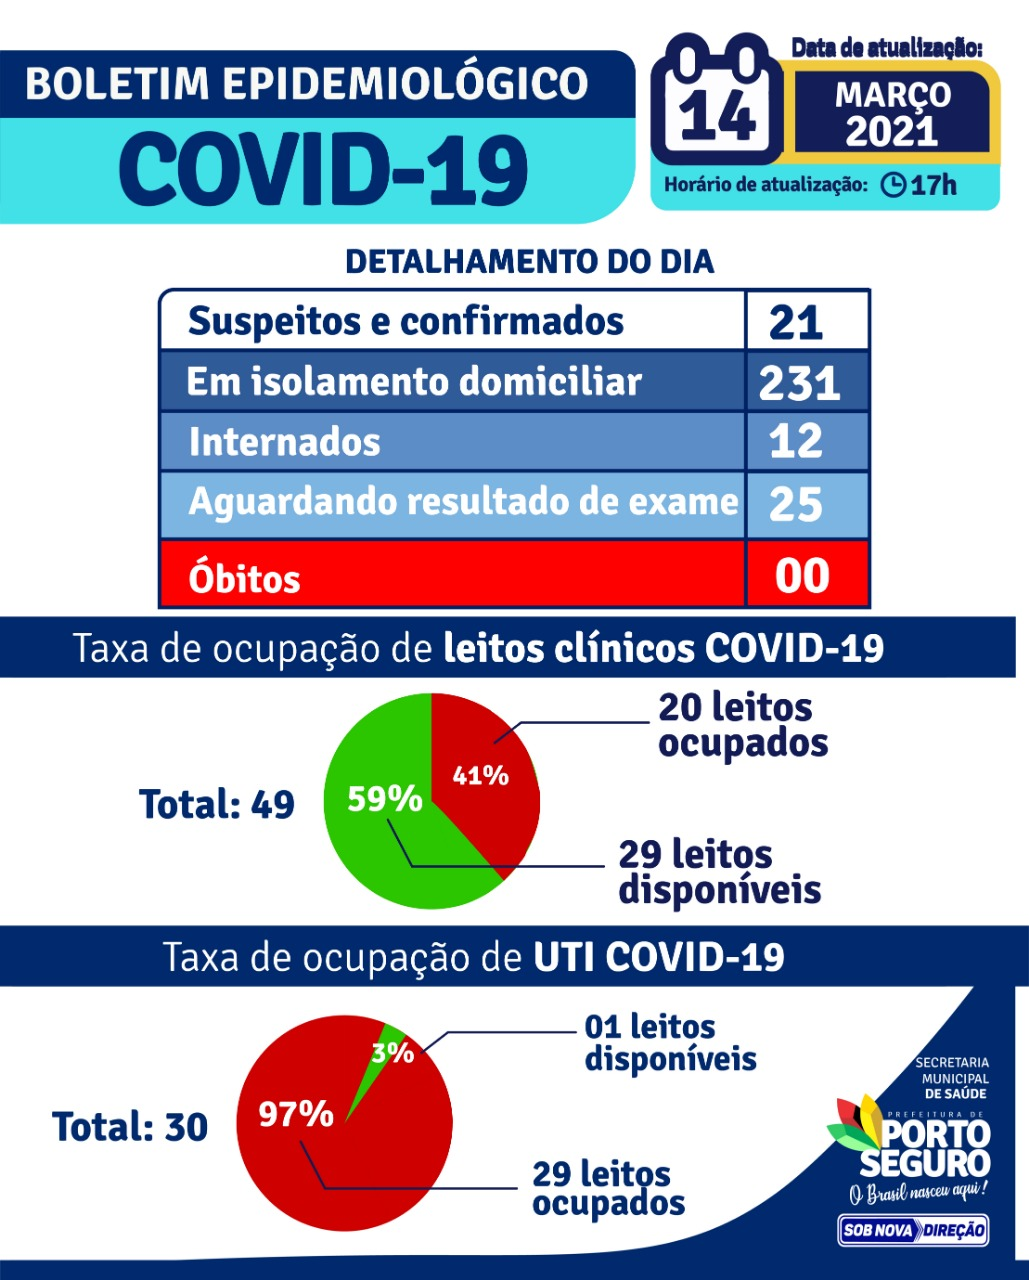 Porto Seguro: Boletim Epidemiológico 14/03 22